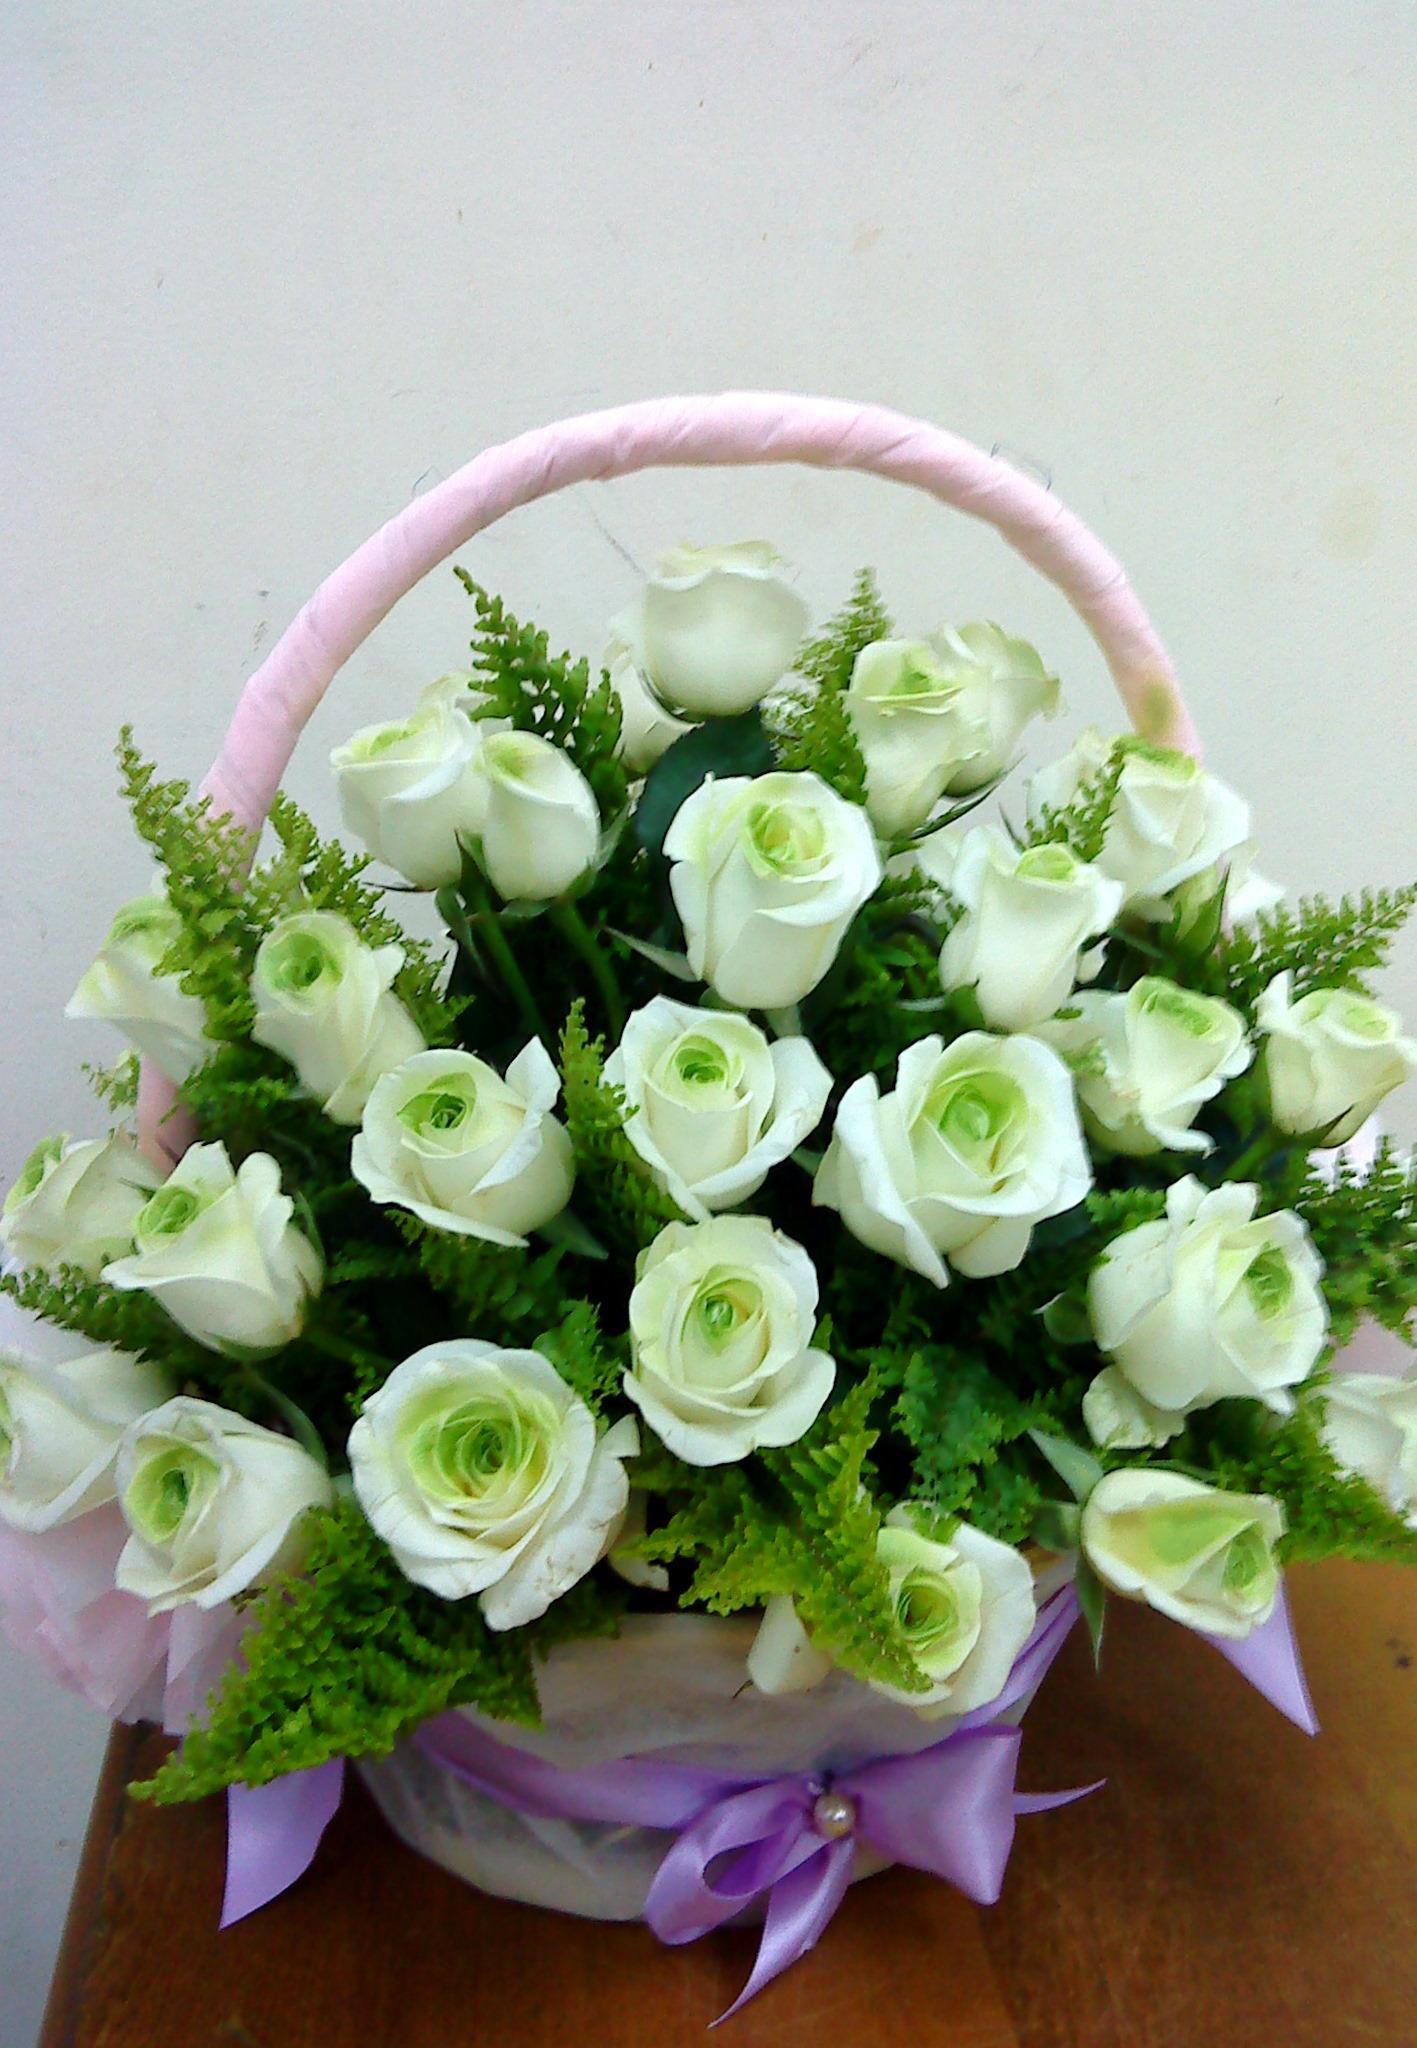 Lẵng hoa hồng trắng viền xanh cực đẹp